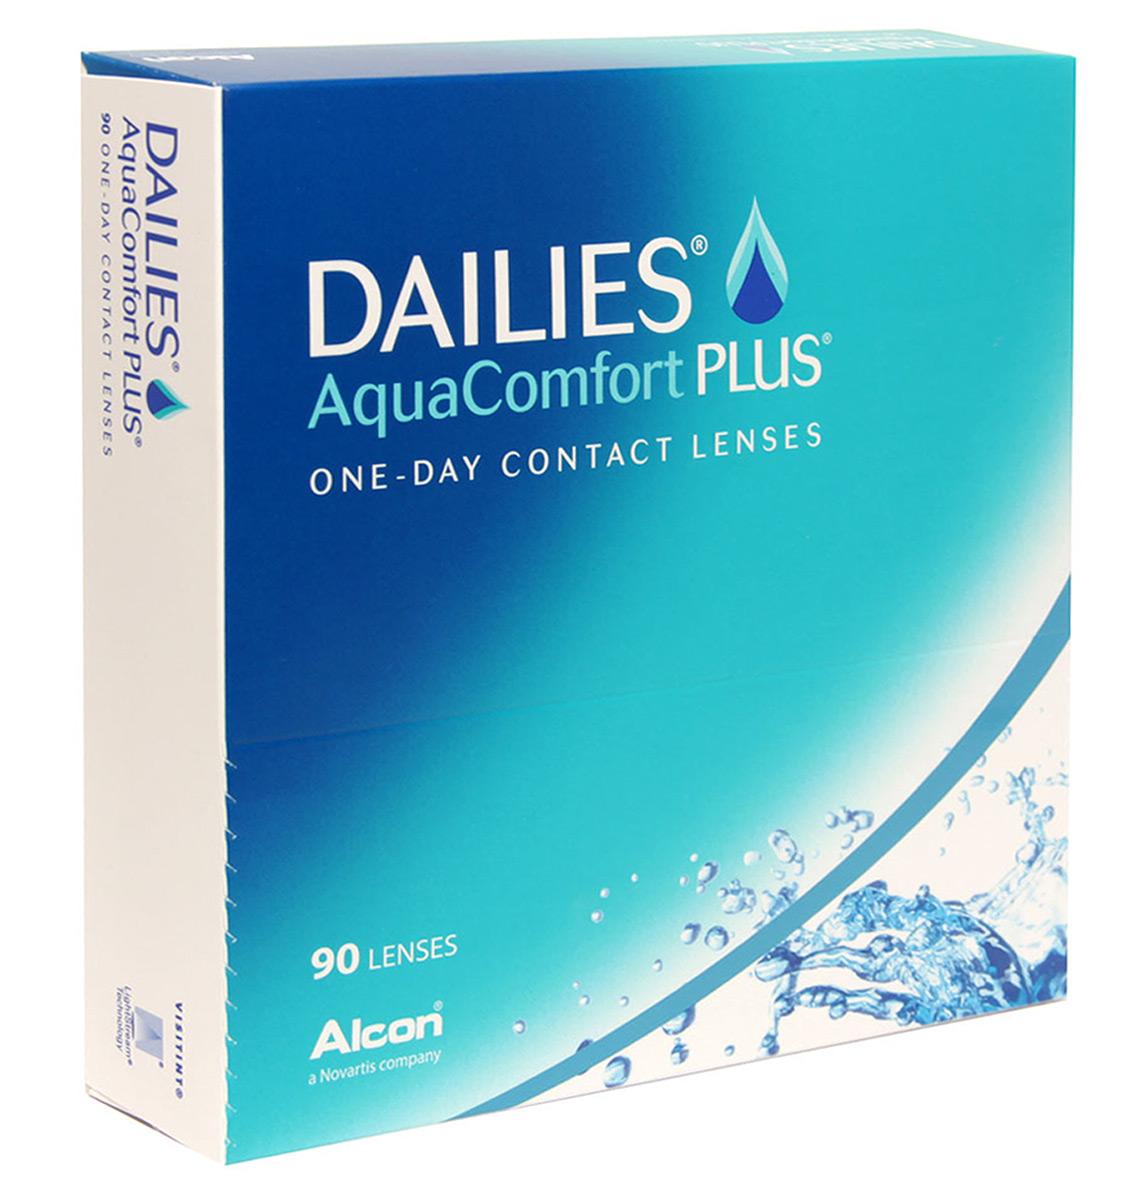 Alcon-CIBA Vision контактные линзы Dailies AquaComfort Plus (90шт / 8.7 / 14.0 / -5.75)38387Dailies AquaComfort Plus - это одни из самых популярных однодневных линз производства компании Ciba Vision. Эти линзы пользуются огромной популярностью во всем мире и являются на сегодняшний день самыми безопасными контактными линзами. Изготавливаются линзы из современного, 100% безопасного материала нелфилкон А. Особенность этого материала в том, что он легко пропускает воздух и хорошо сохраняет влагу. Однодневные контактные линзы Dailies AquaComfort Plus не нуждаются в дополнительном уходе и затратах, каждый день вы надеваете свежую пару линз. Дизайн линзы биосовместимый, что гарантирует безупречный комфорт. Самое главное достоинство Dailies AquaComfort Plus - это их уникальная система увлажнения. Благодаря этой разработке линзы увлажняются тремя различными агентами. Первый компонент, ухаживающий за линзами, находится в растворе, он как бы обволакивает линзу, обеспечивая чрезвычайно комфортное надевание. Второй агент выделяется на протяжении всего дня, он...